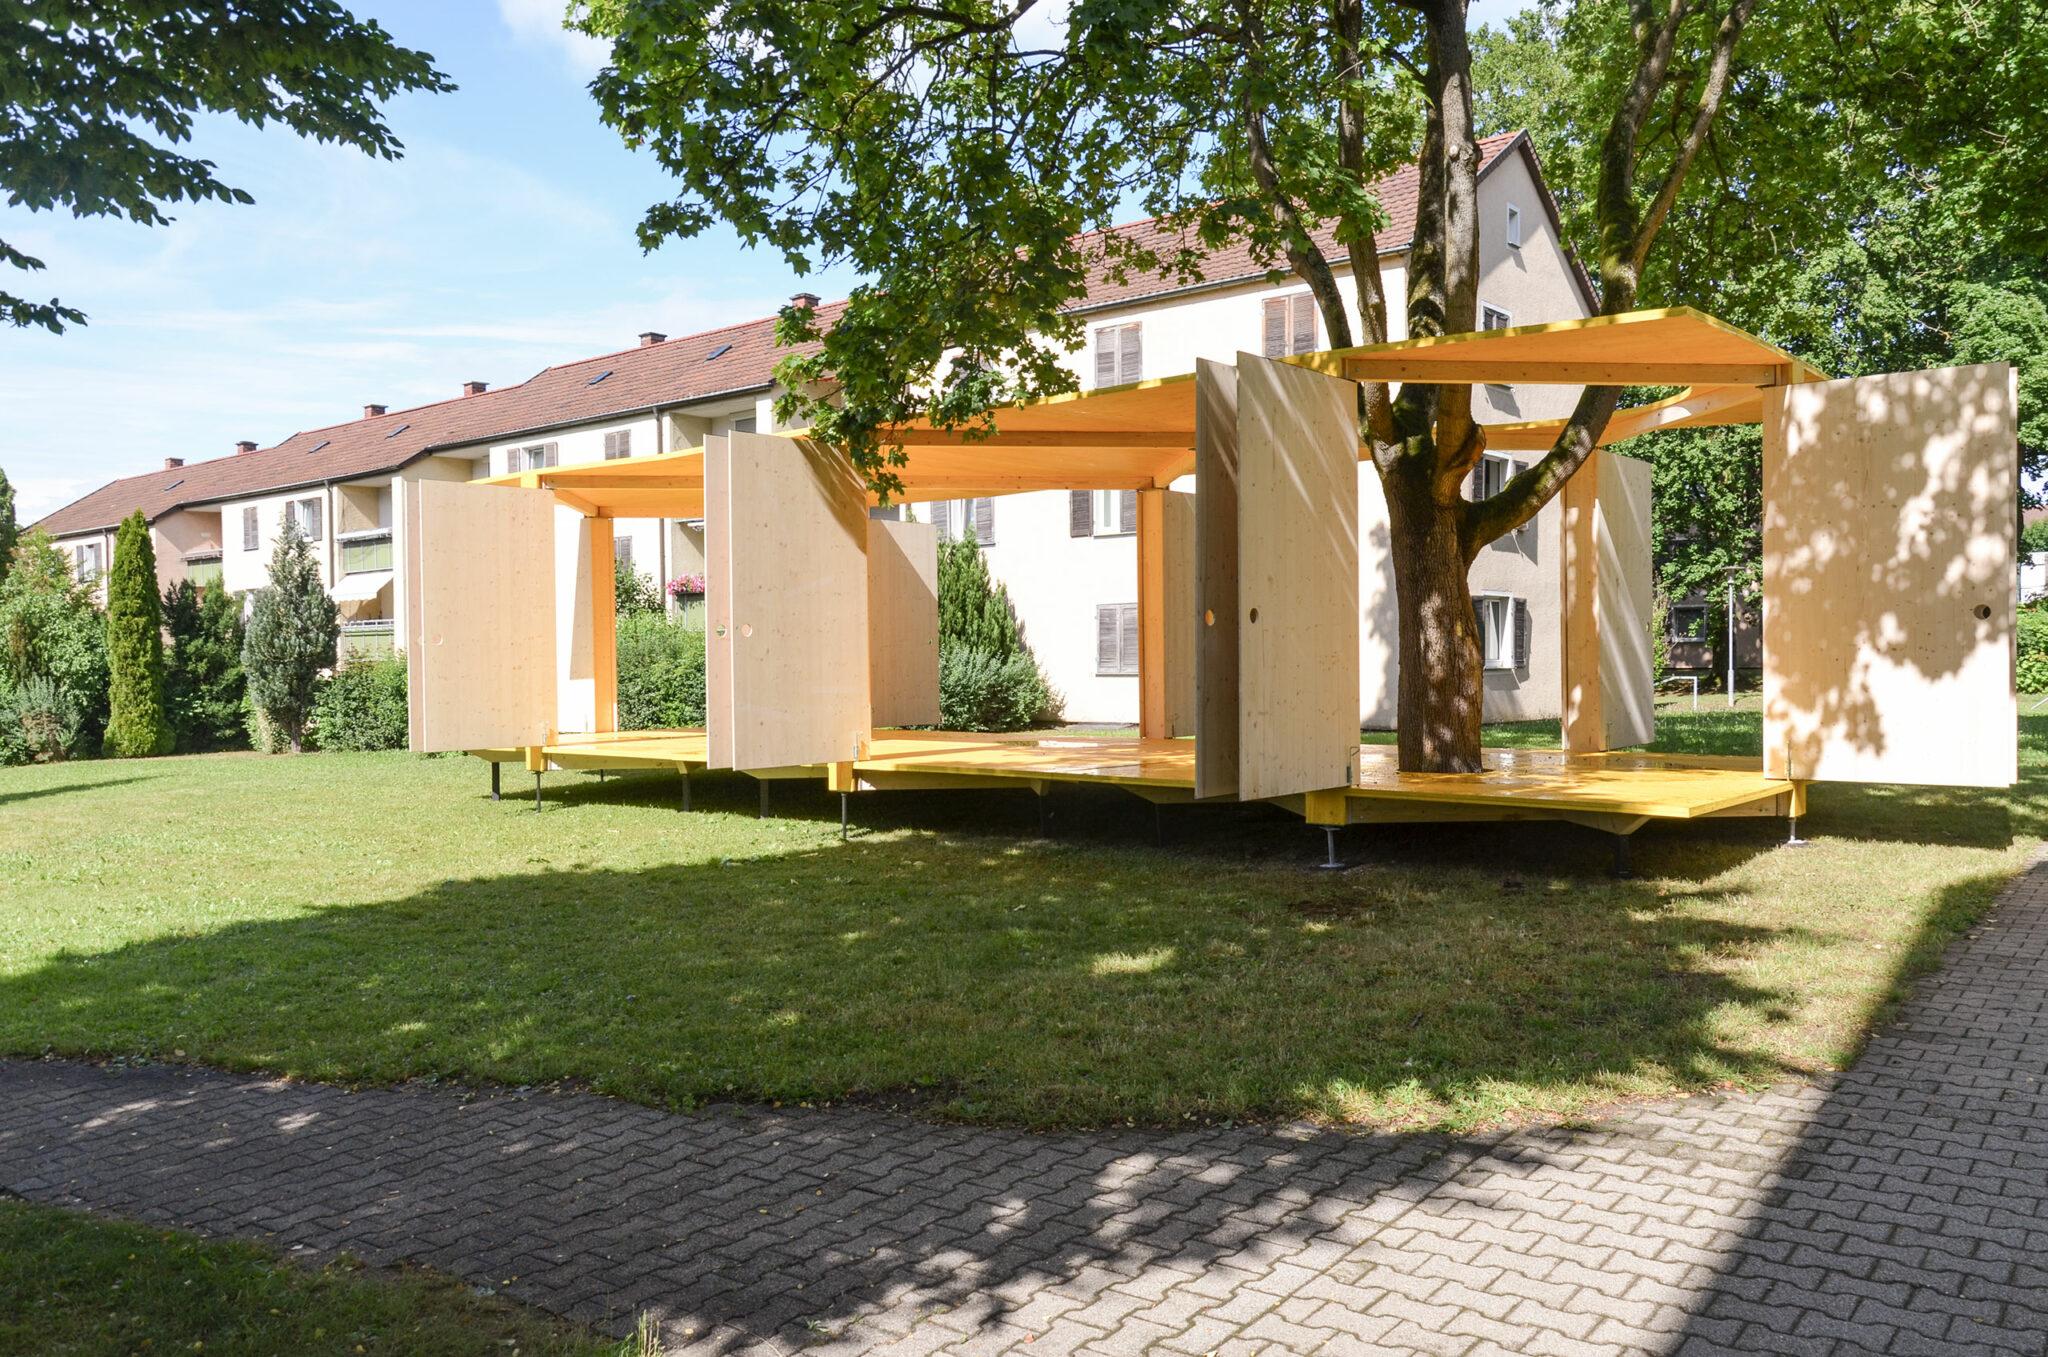 Laborbühne Stuttgart-Rot (Bild: Schürmann + Witry und Mana Michlig)